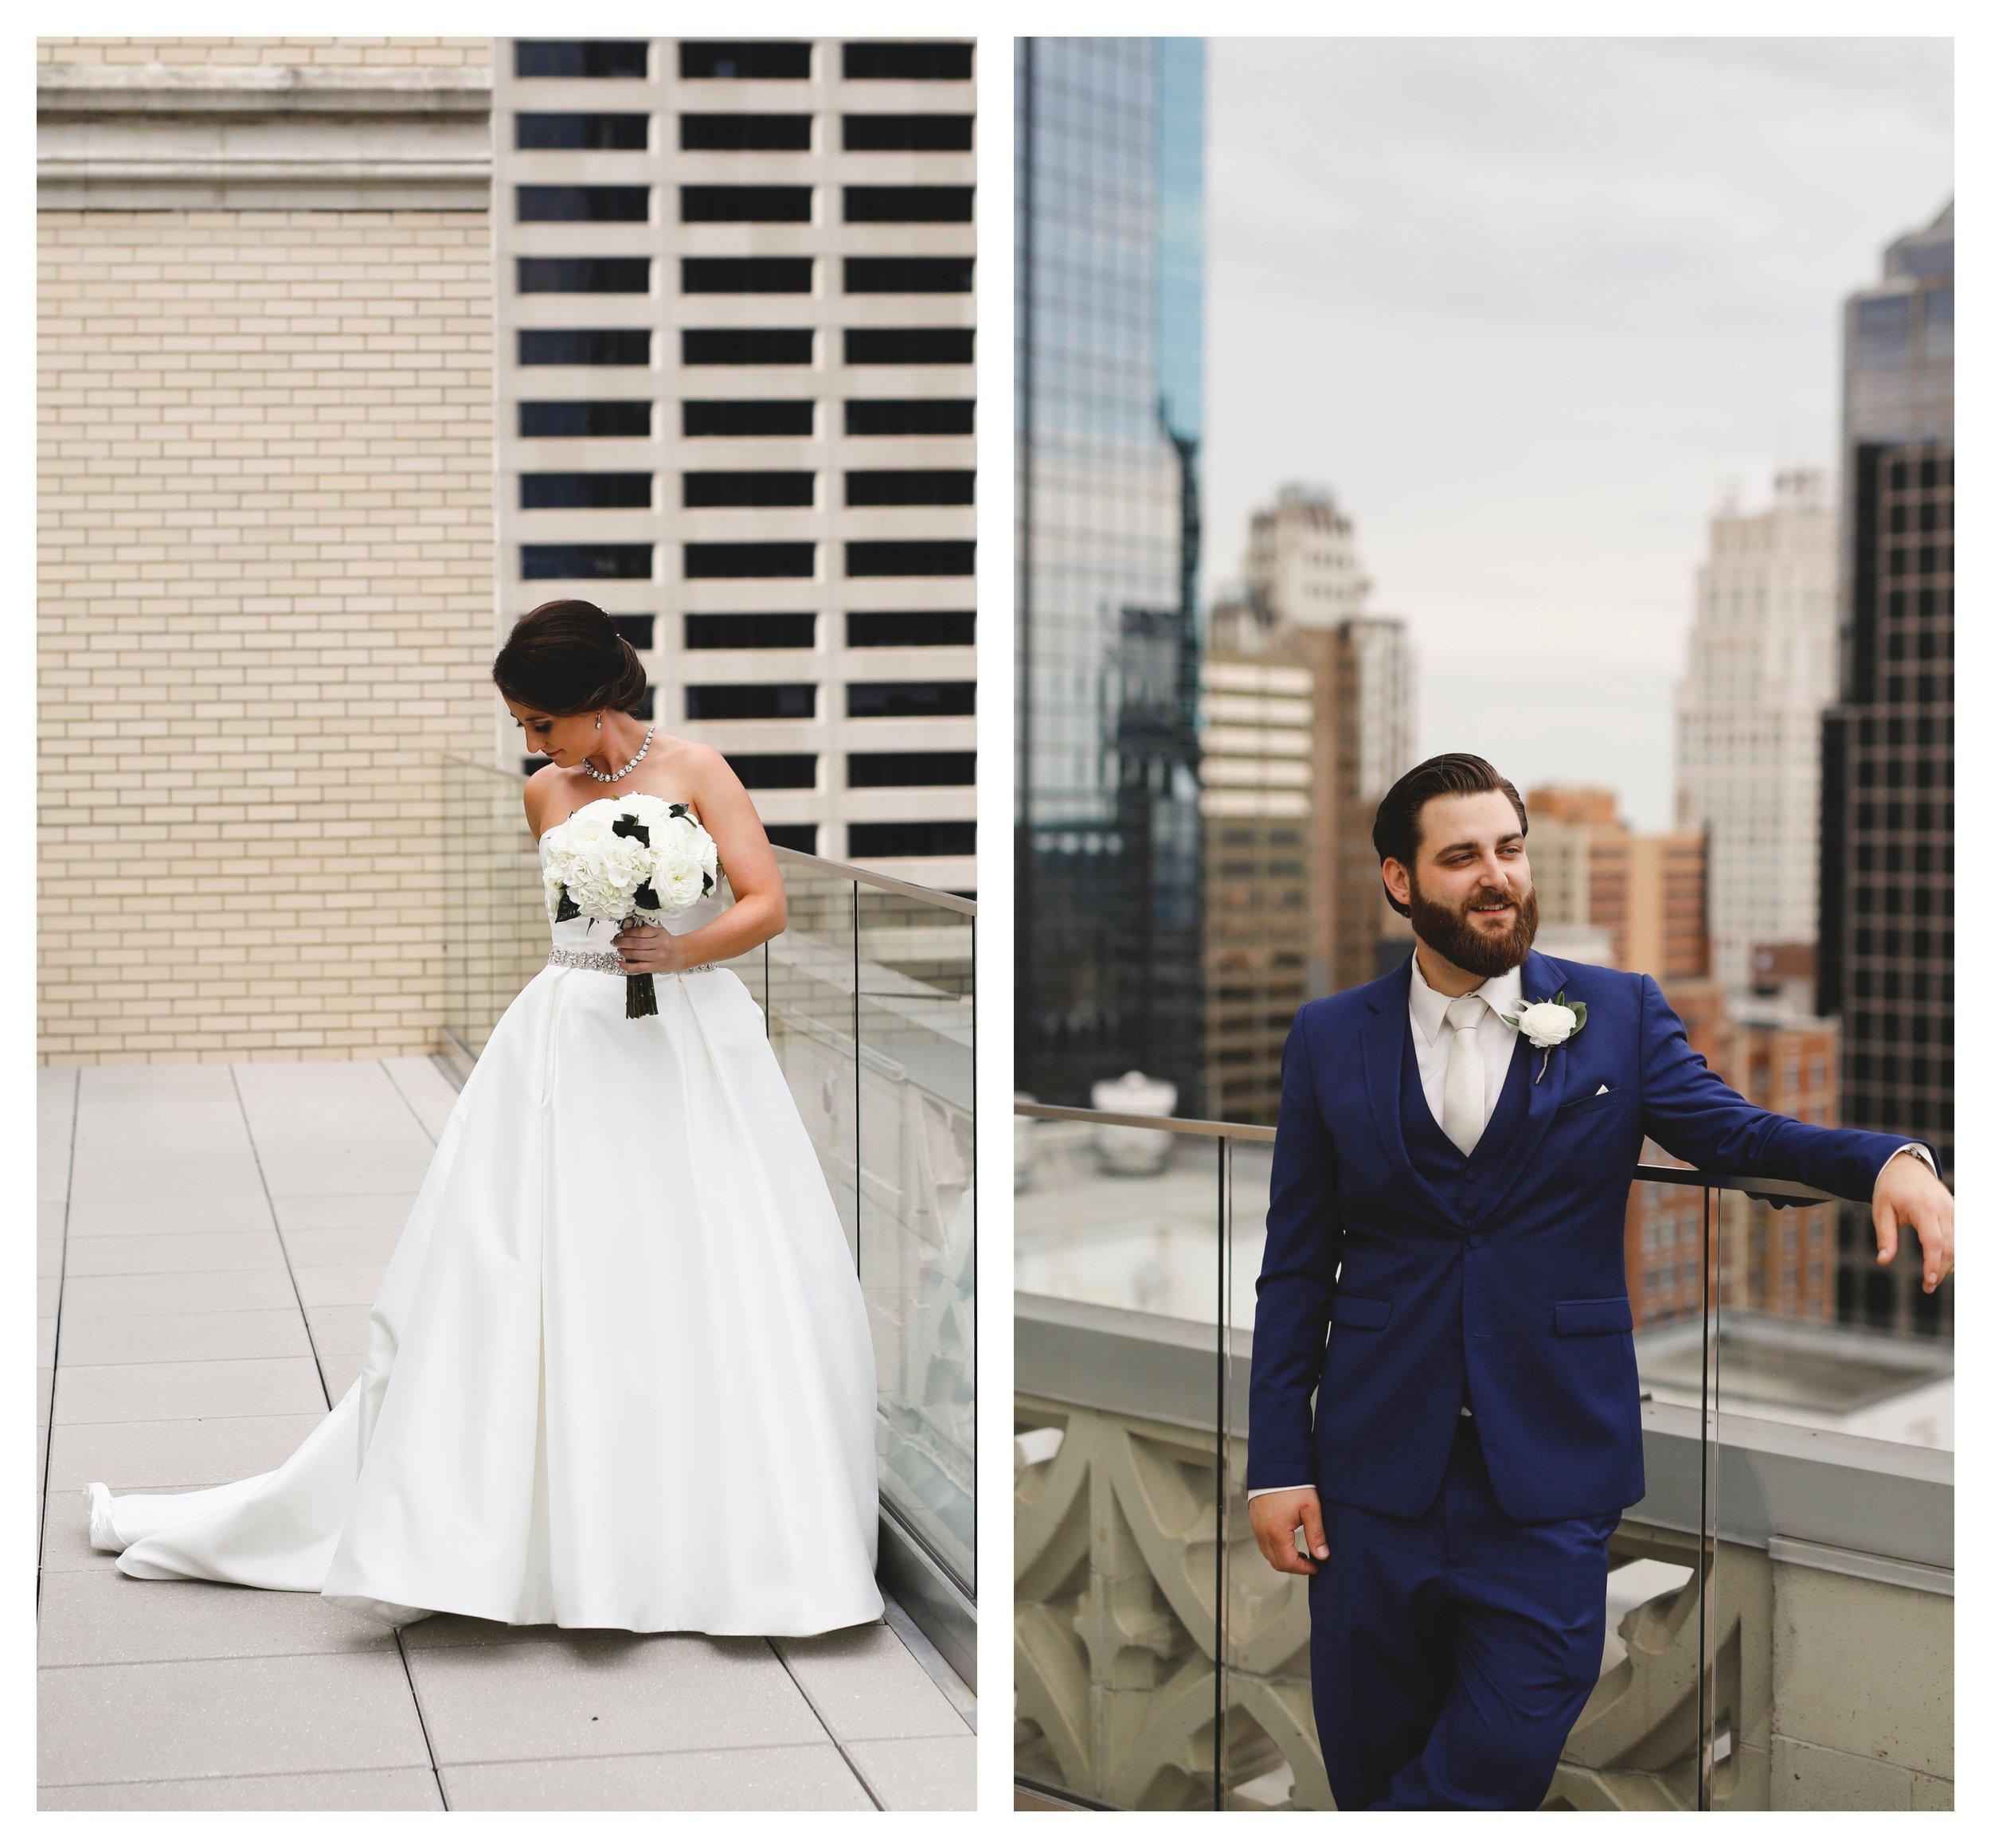 kc_wedding_photos